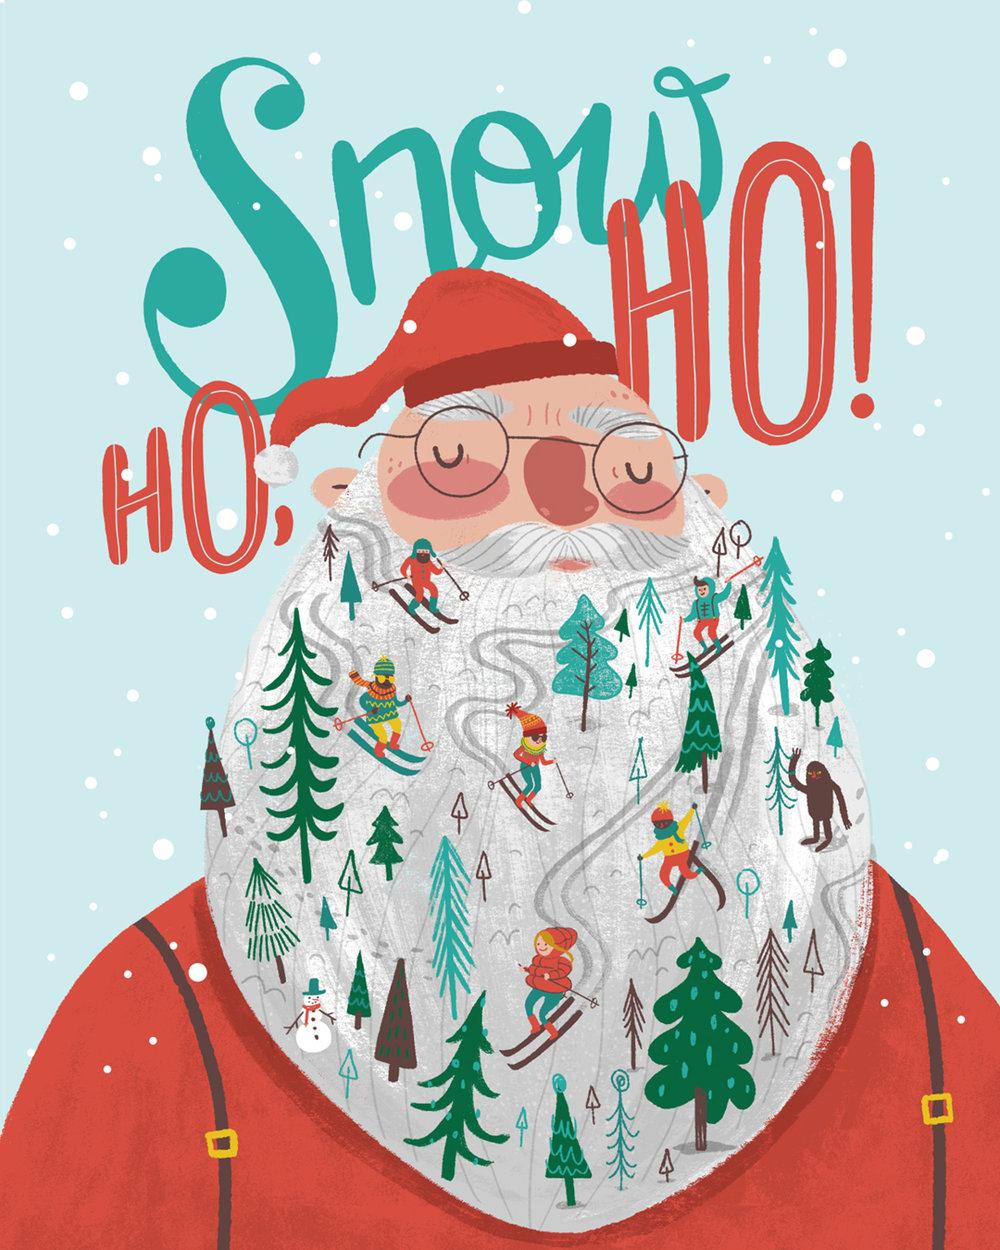 Snow Ho Ho!